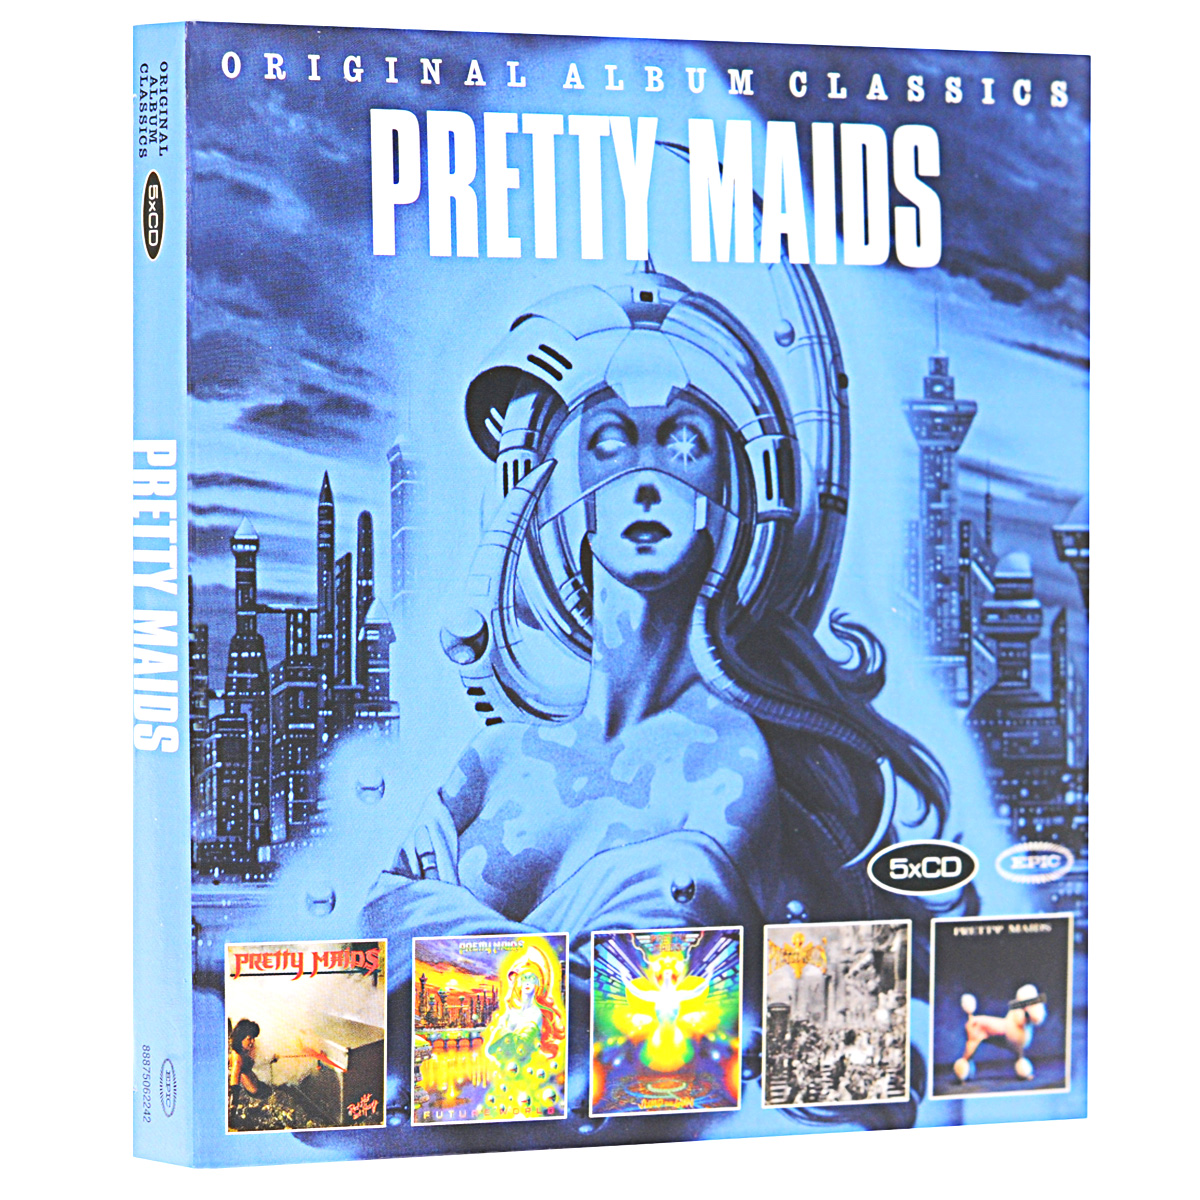 Pretty Maids Pretty Maids. Original Album Classics (5 CD) очаровательная живая одежда для новорожденных одежда для досуга maids maids funny stockings